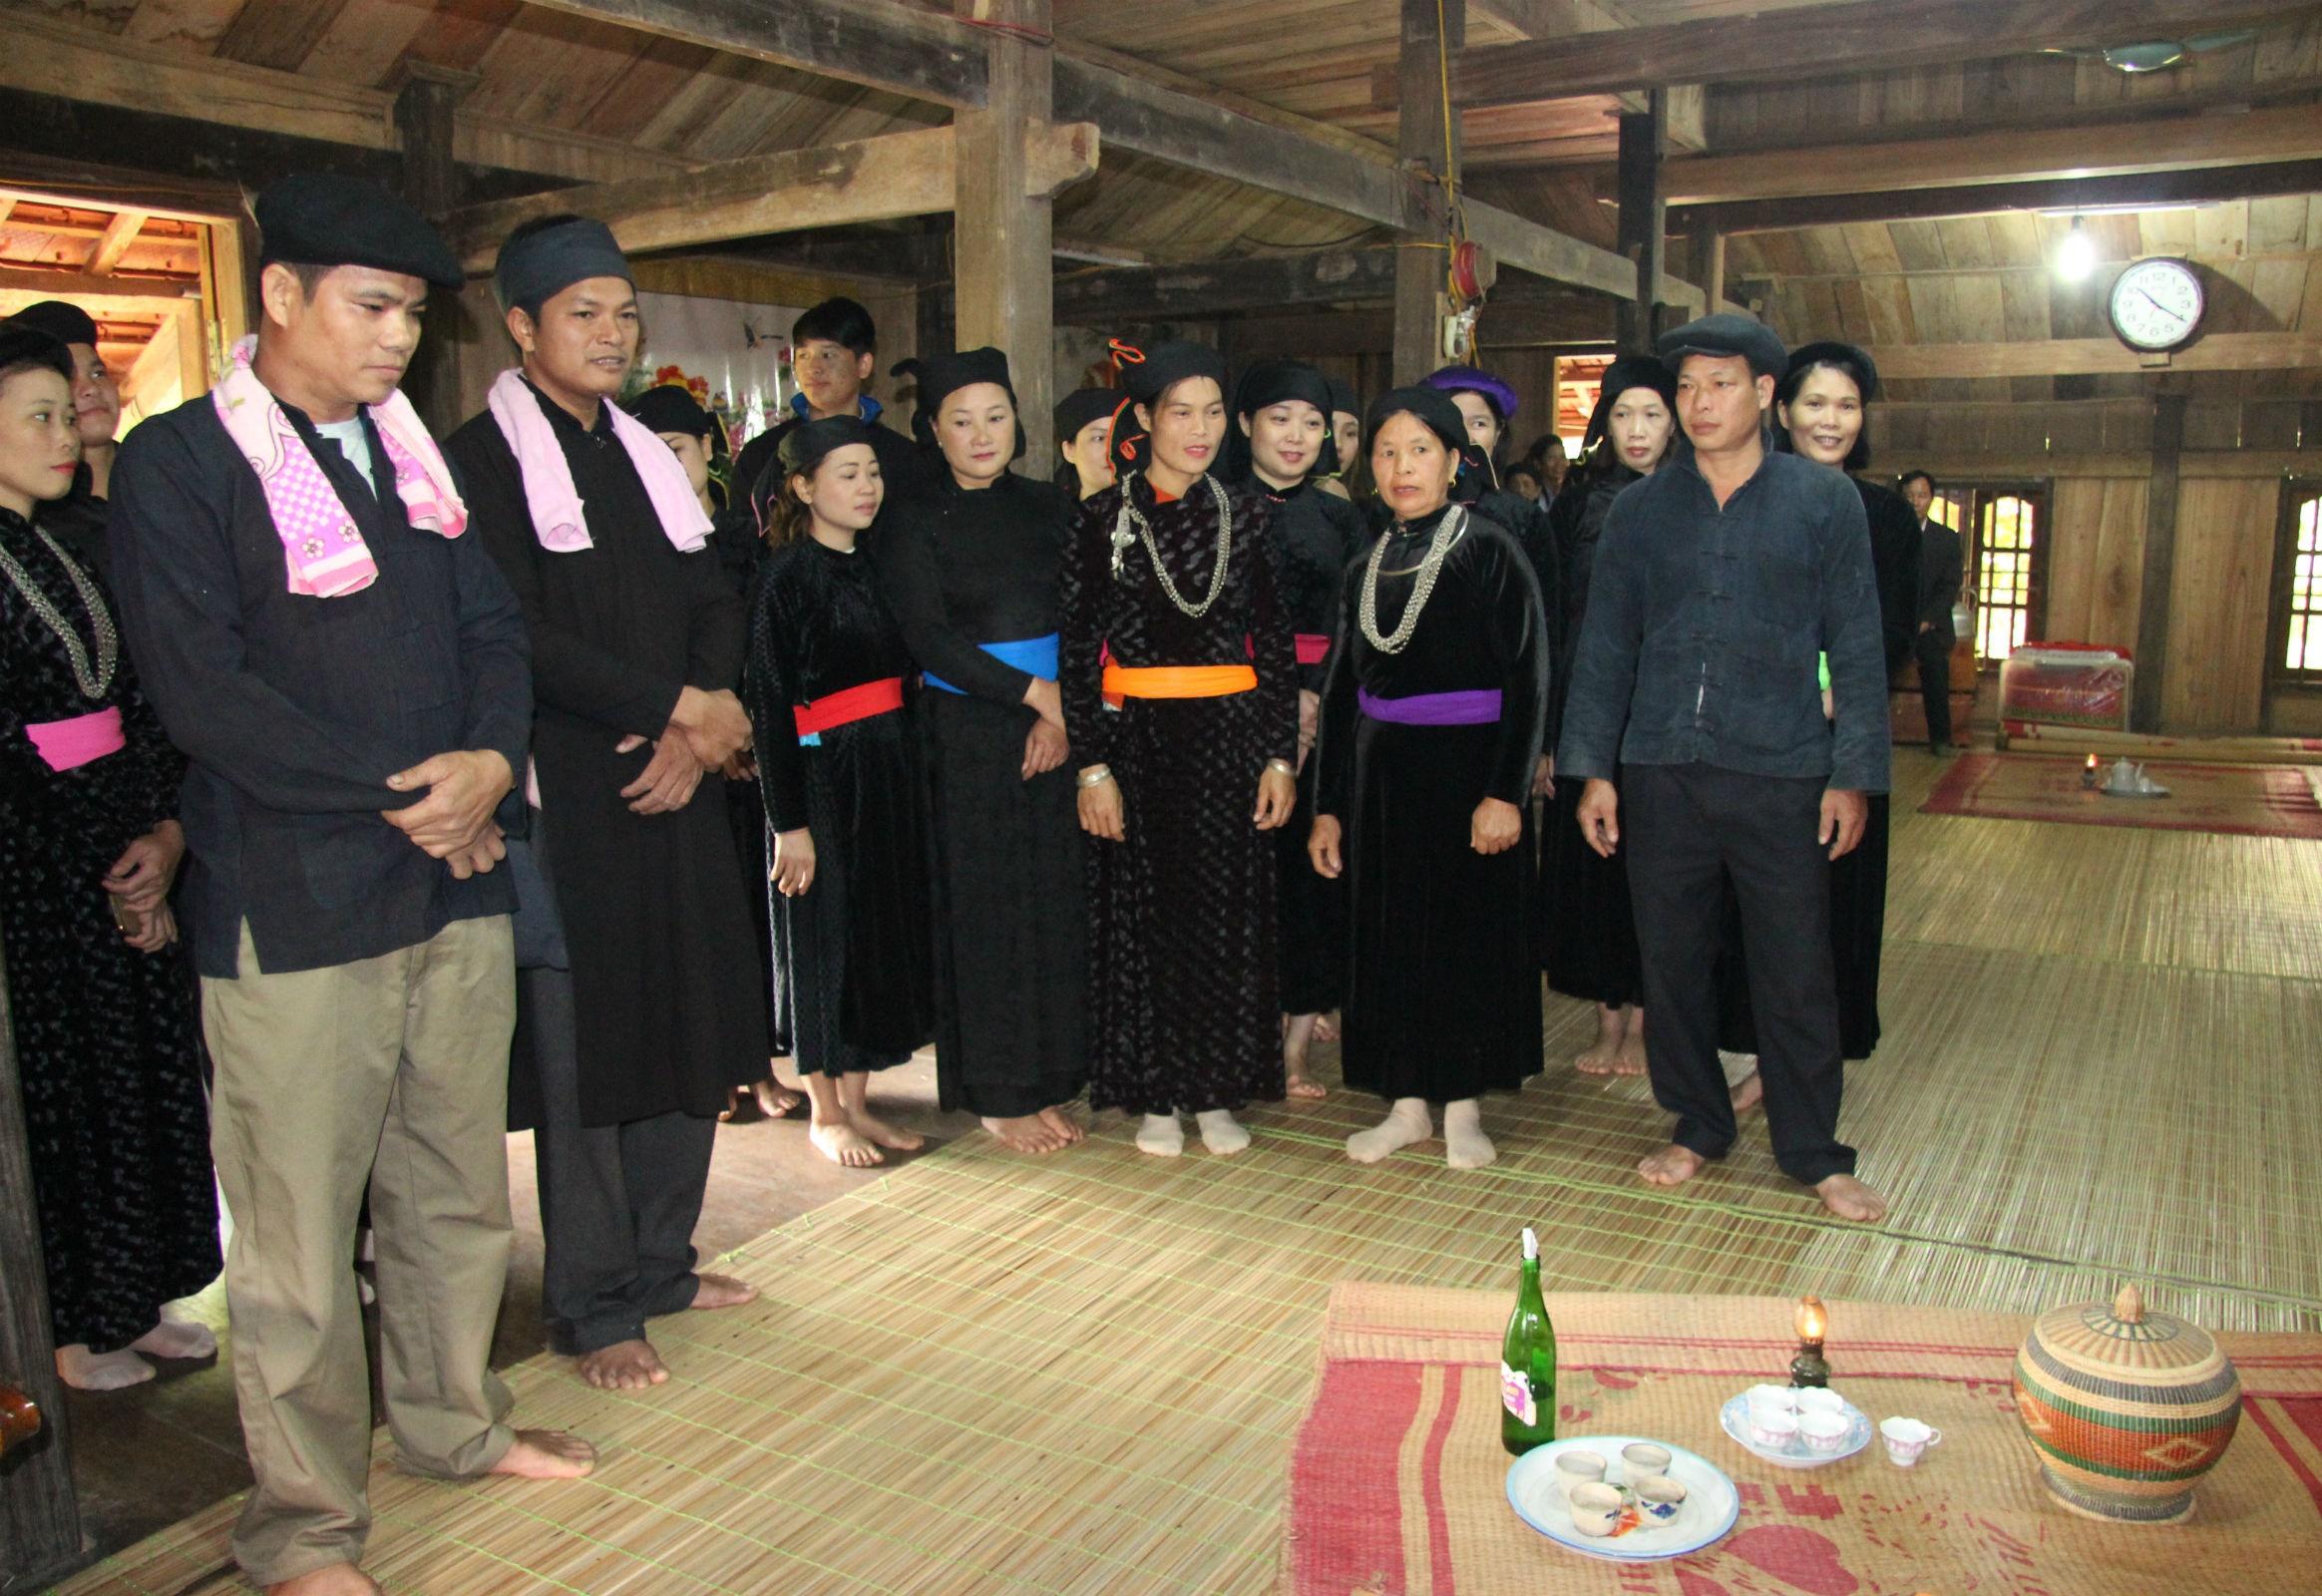 Hát Quan làng ở tục xin trải chiếu trong đám cưới của người Tày